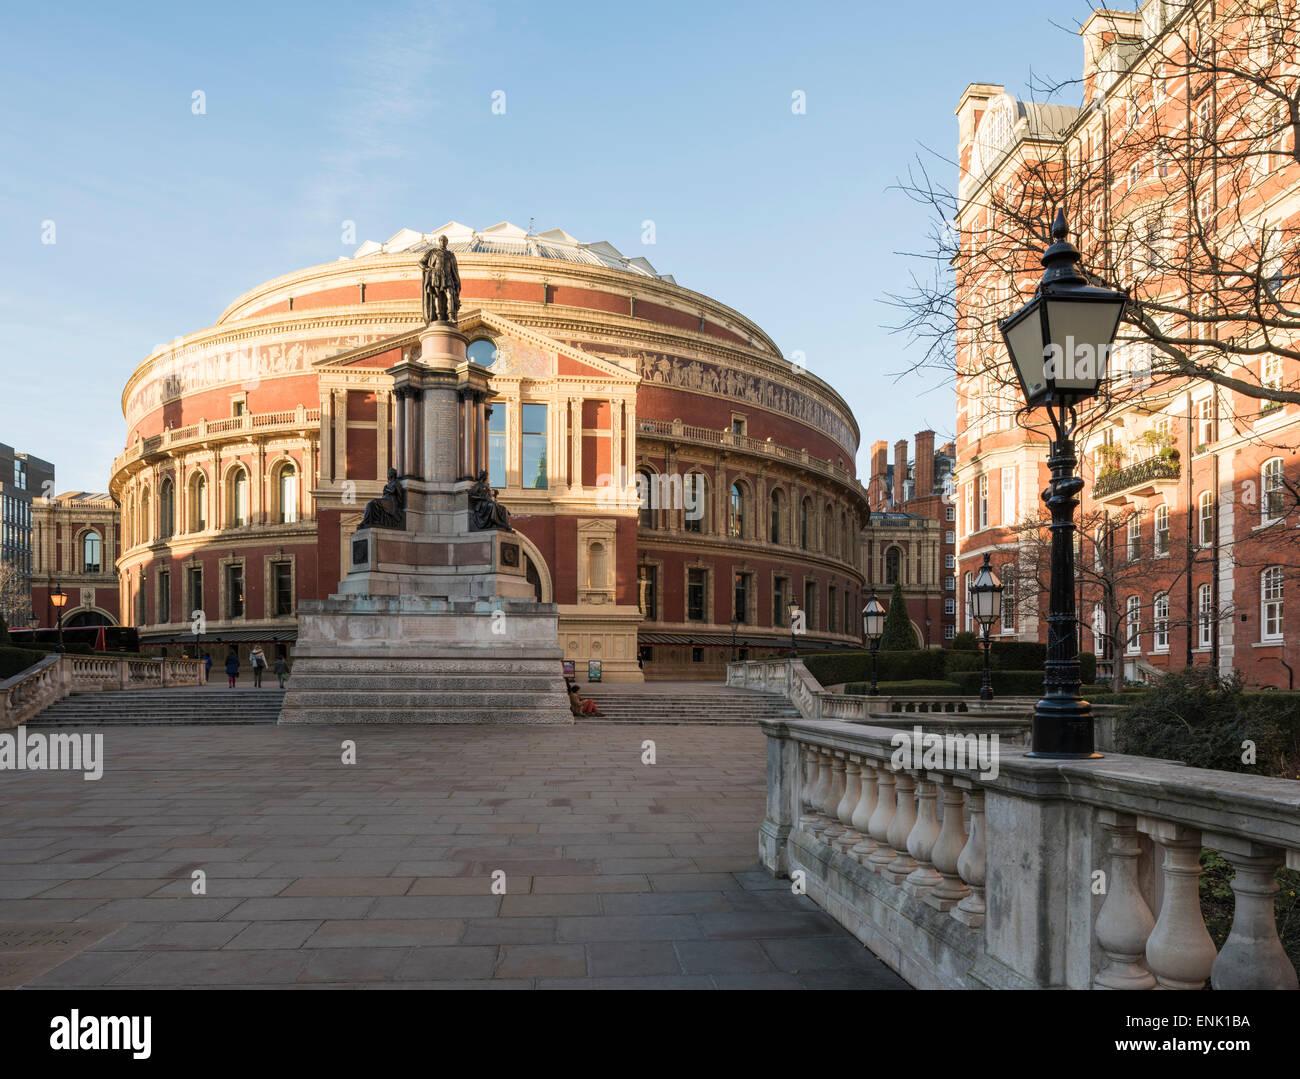 Exterior del Royal Albert Hall, Kensington, Londres, Inglaterra, Reino Unido, Europa Imagen De Stock